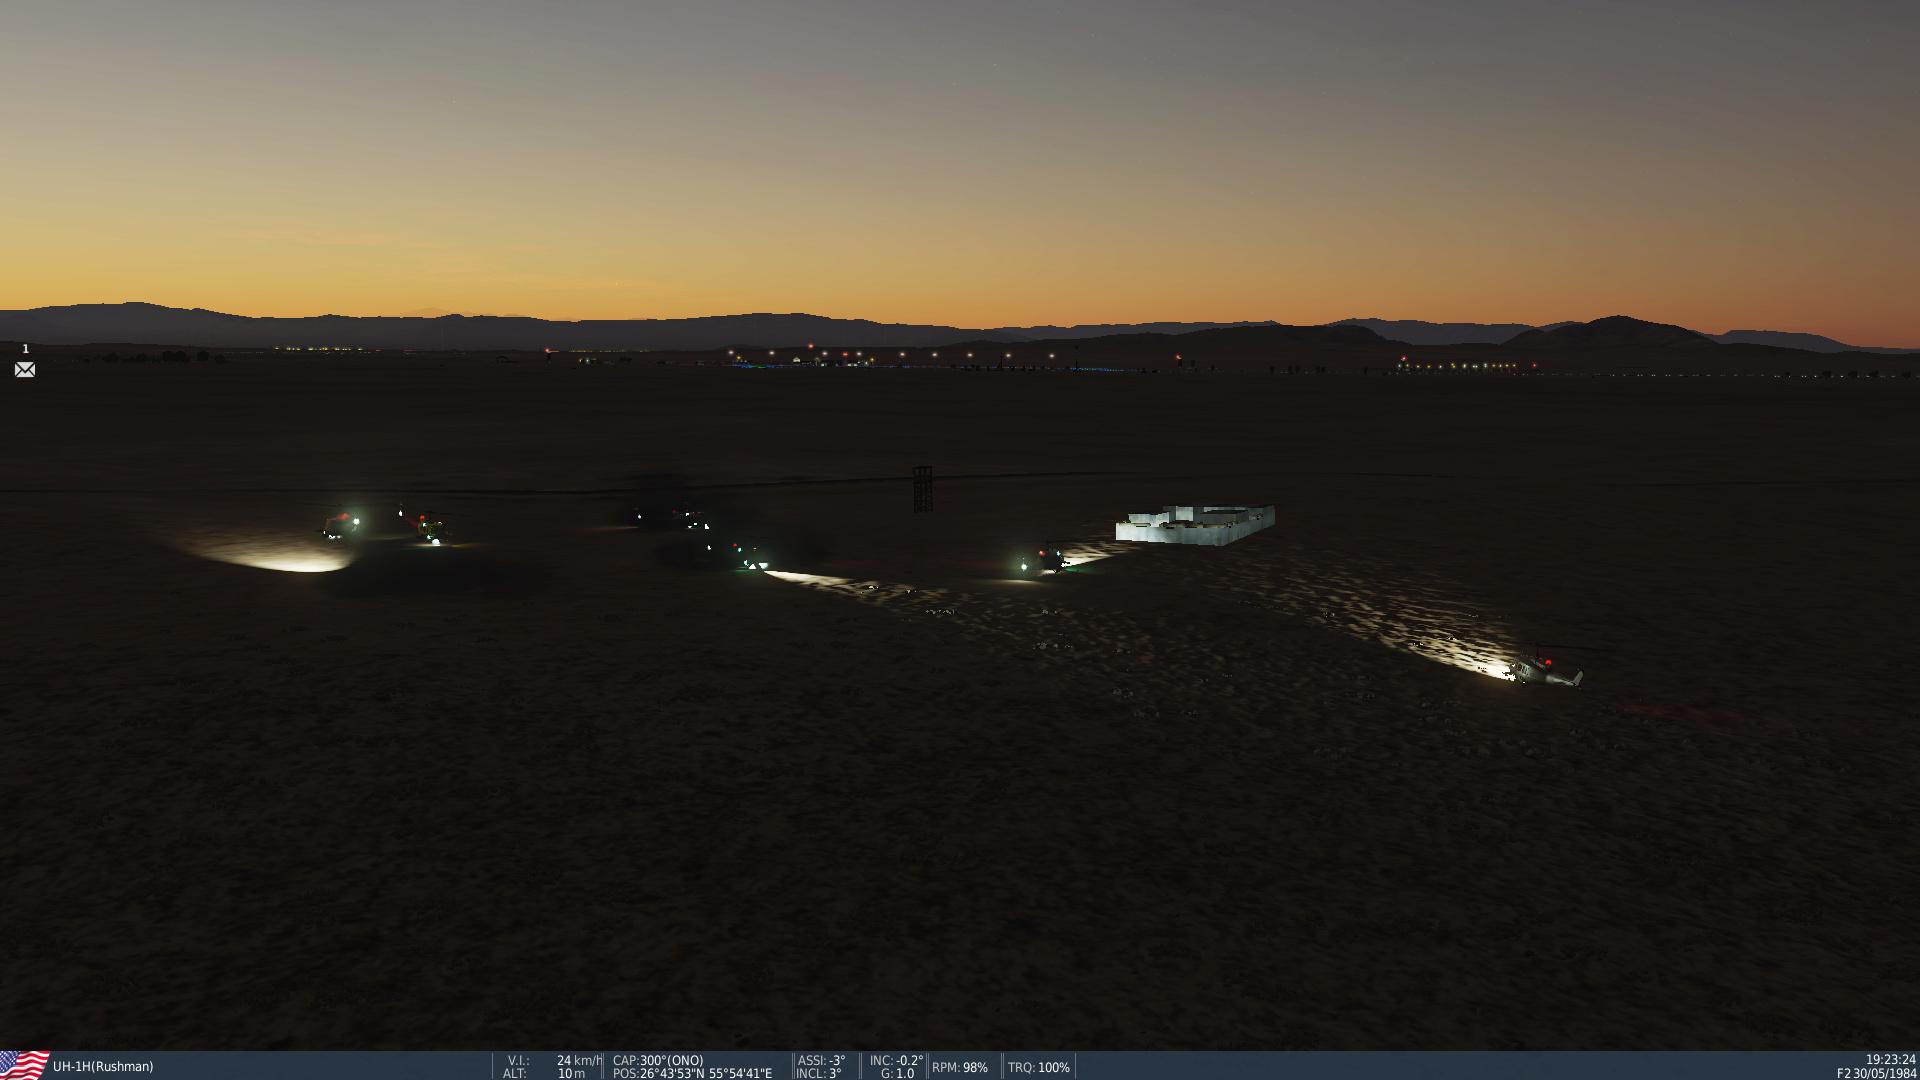 [Cursus UH-1H Huey] Photos de nos missions - Page 2 Screen20